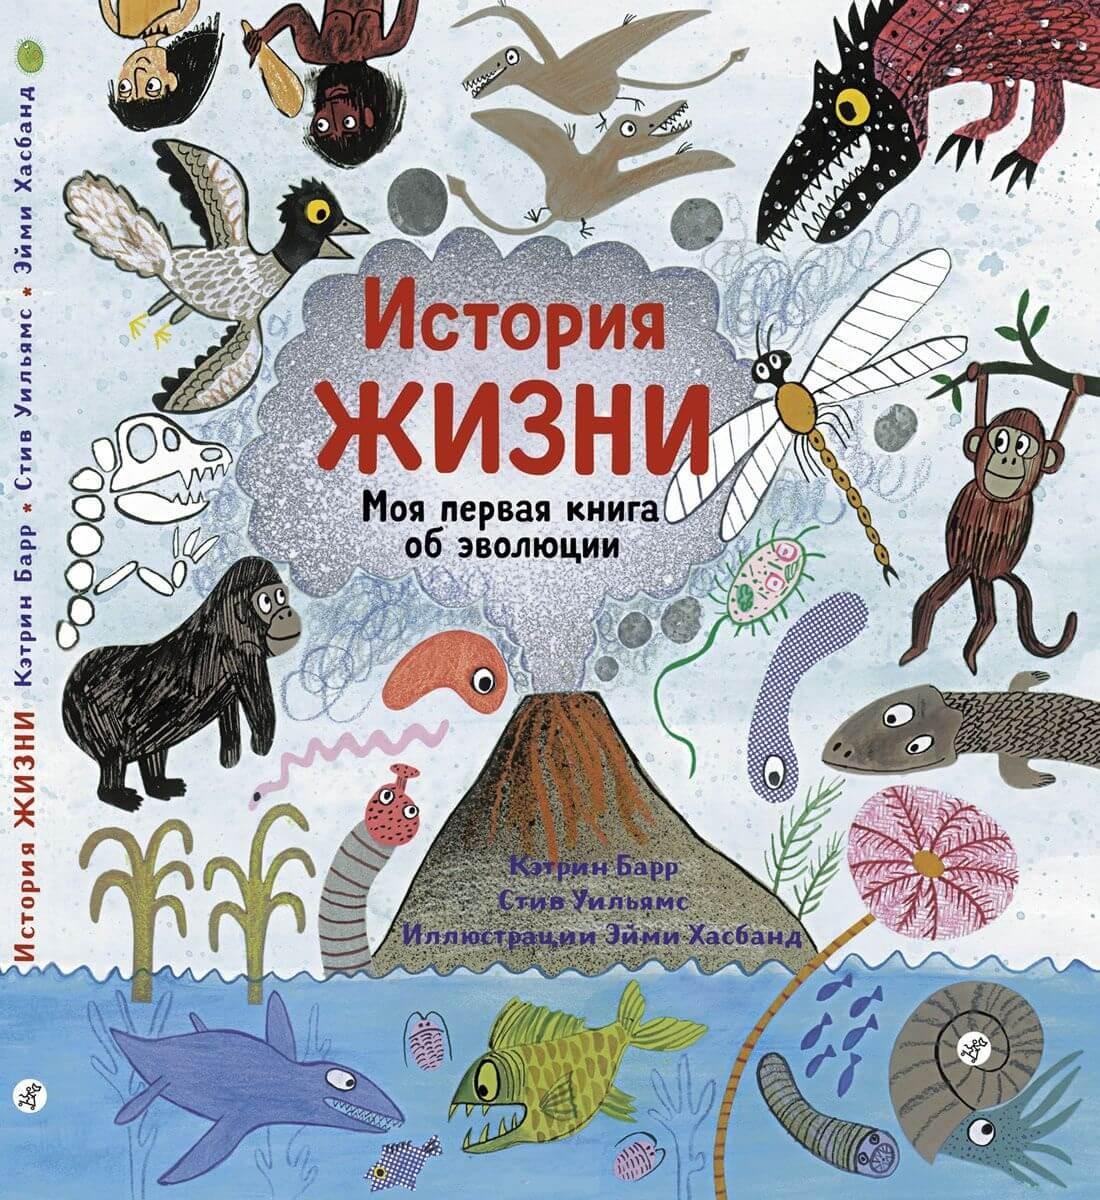 История жизни. Моя первая книга об эволюции_img_0